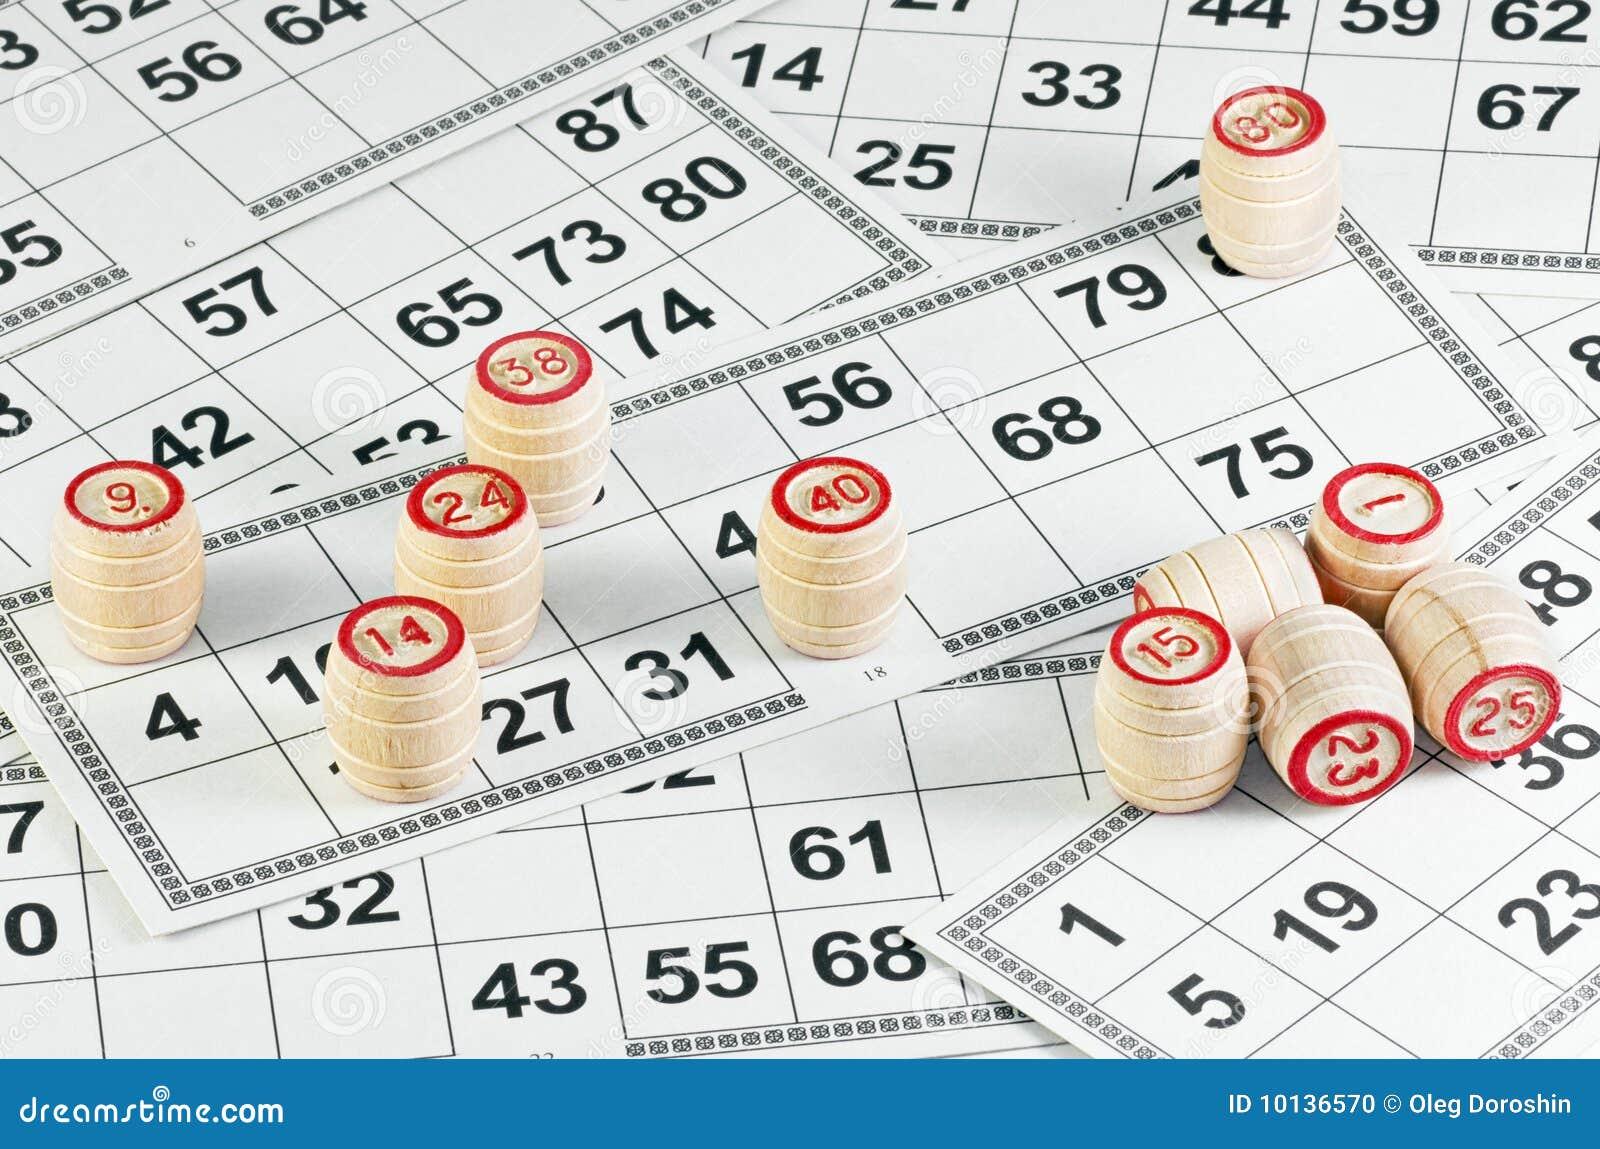 lotto spielen oder sparen